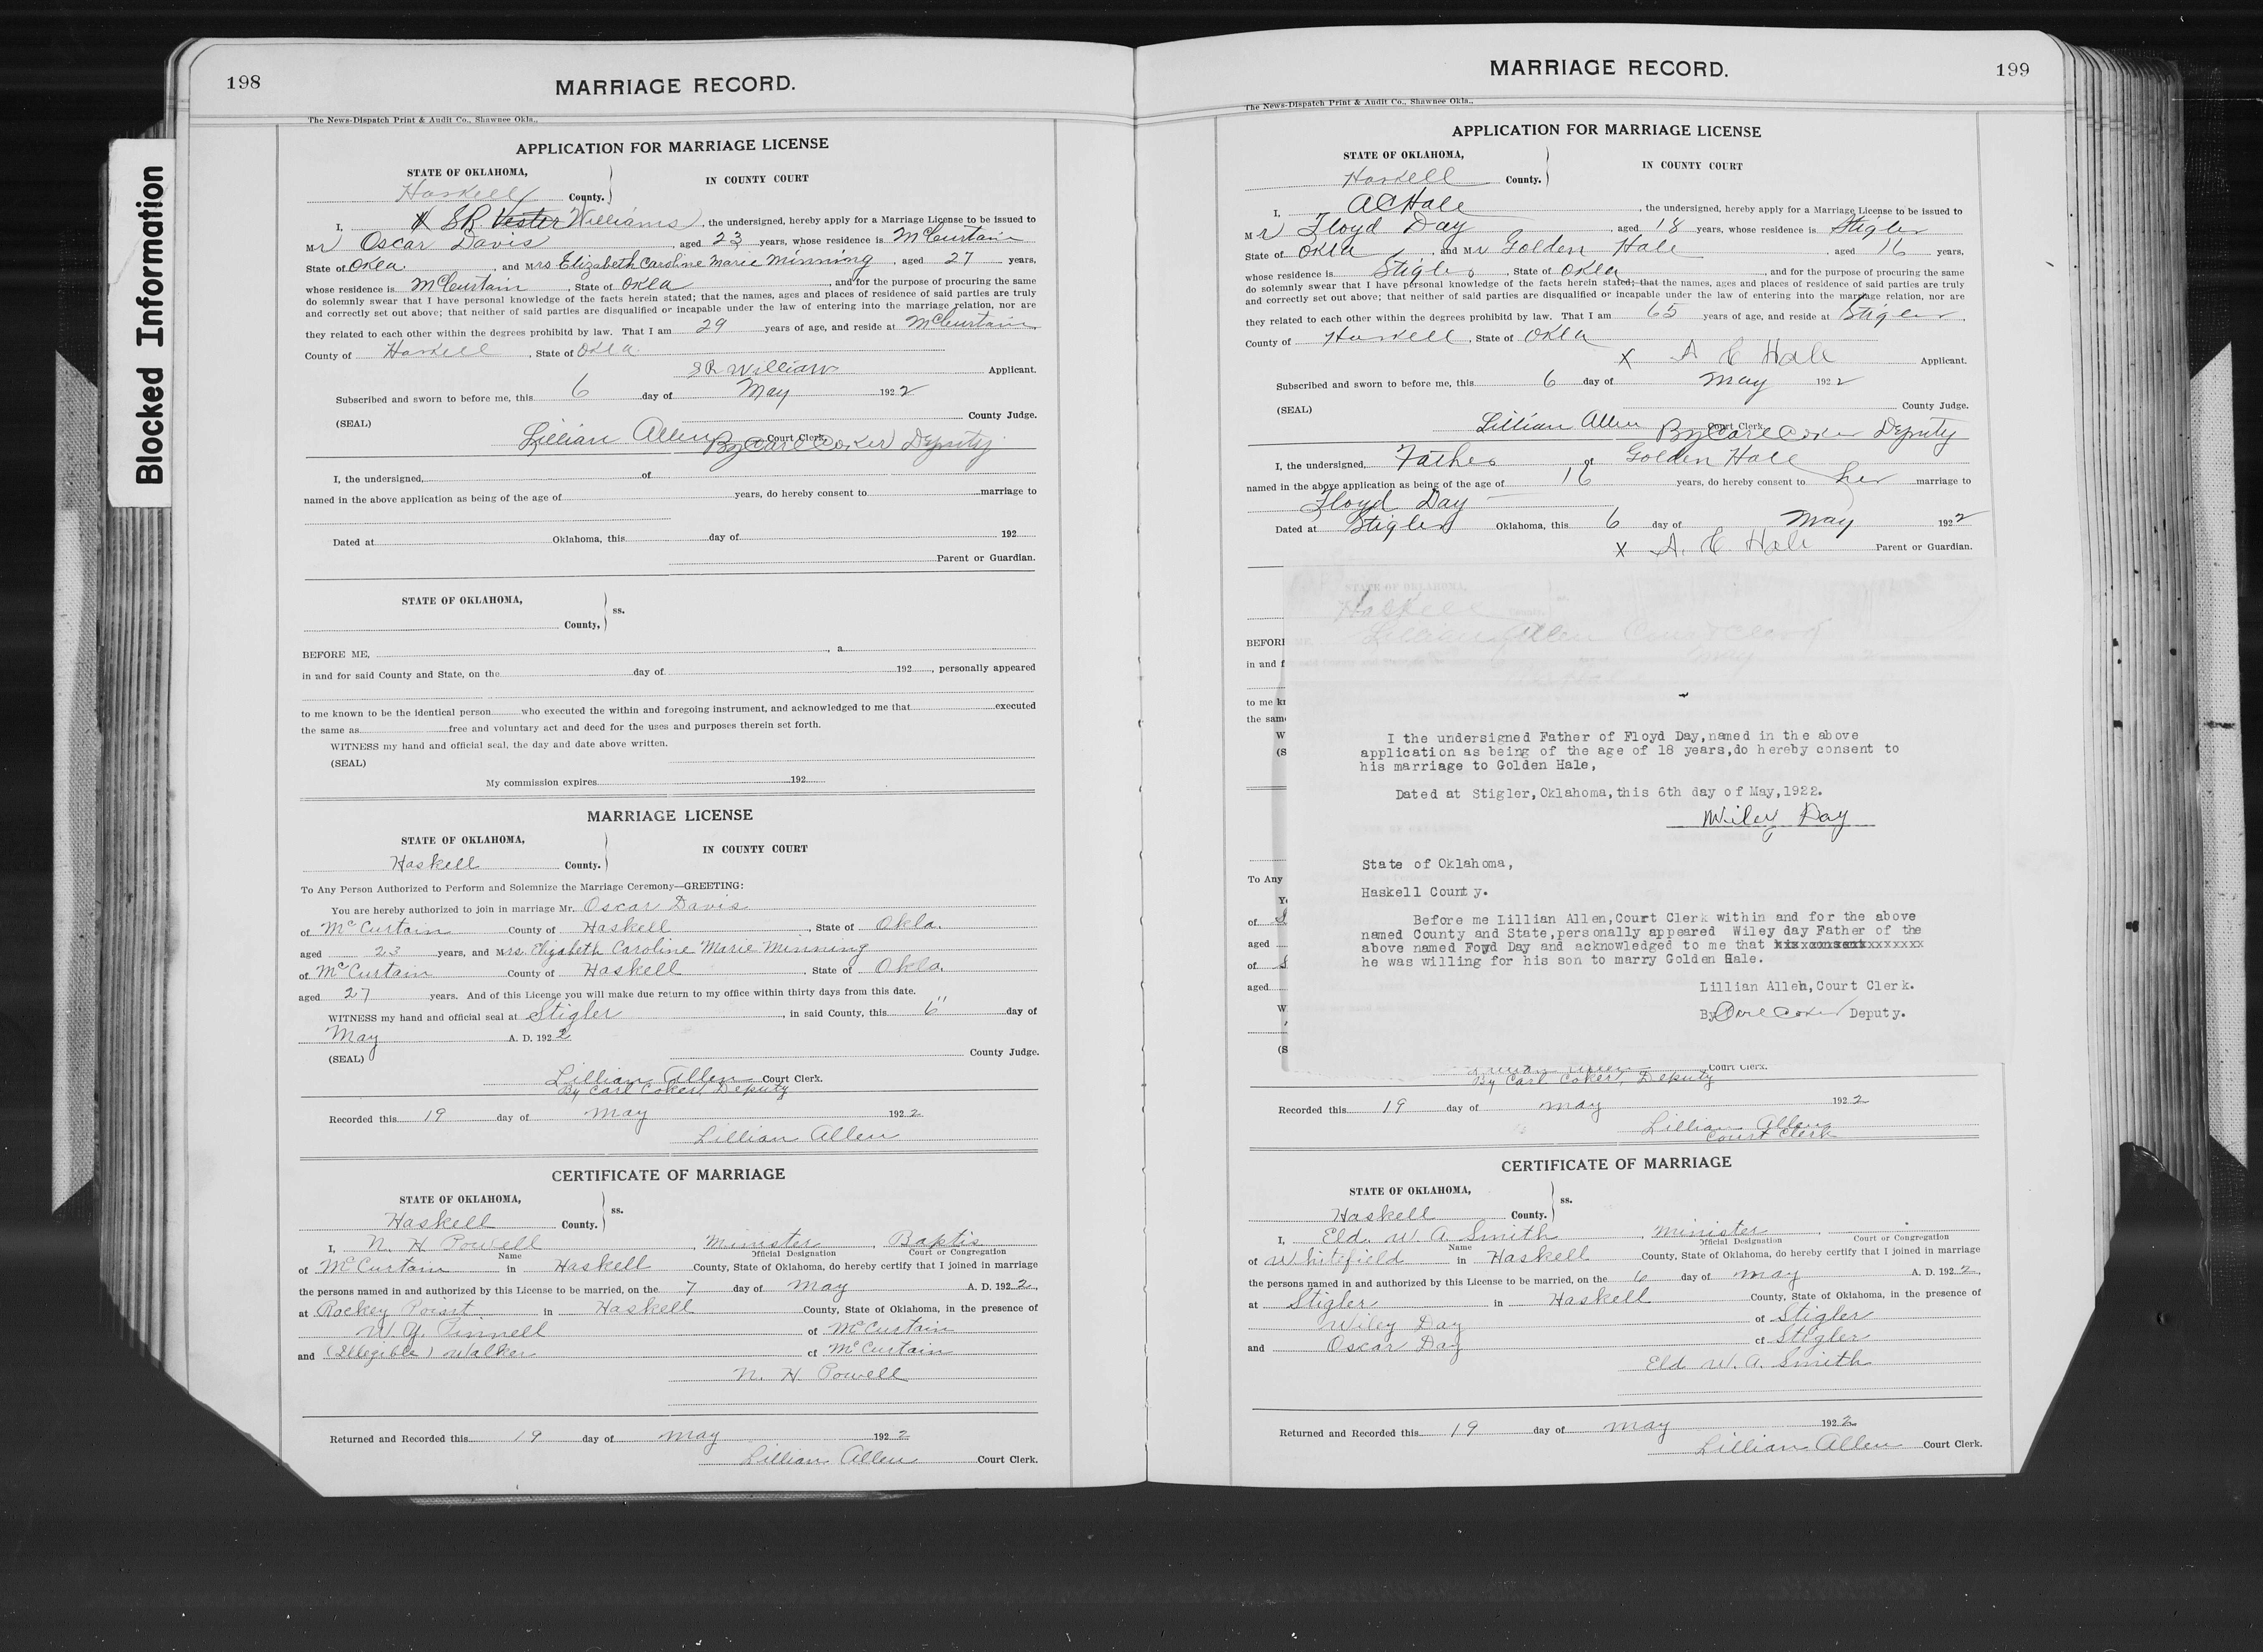 Autun infos marriage license